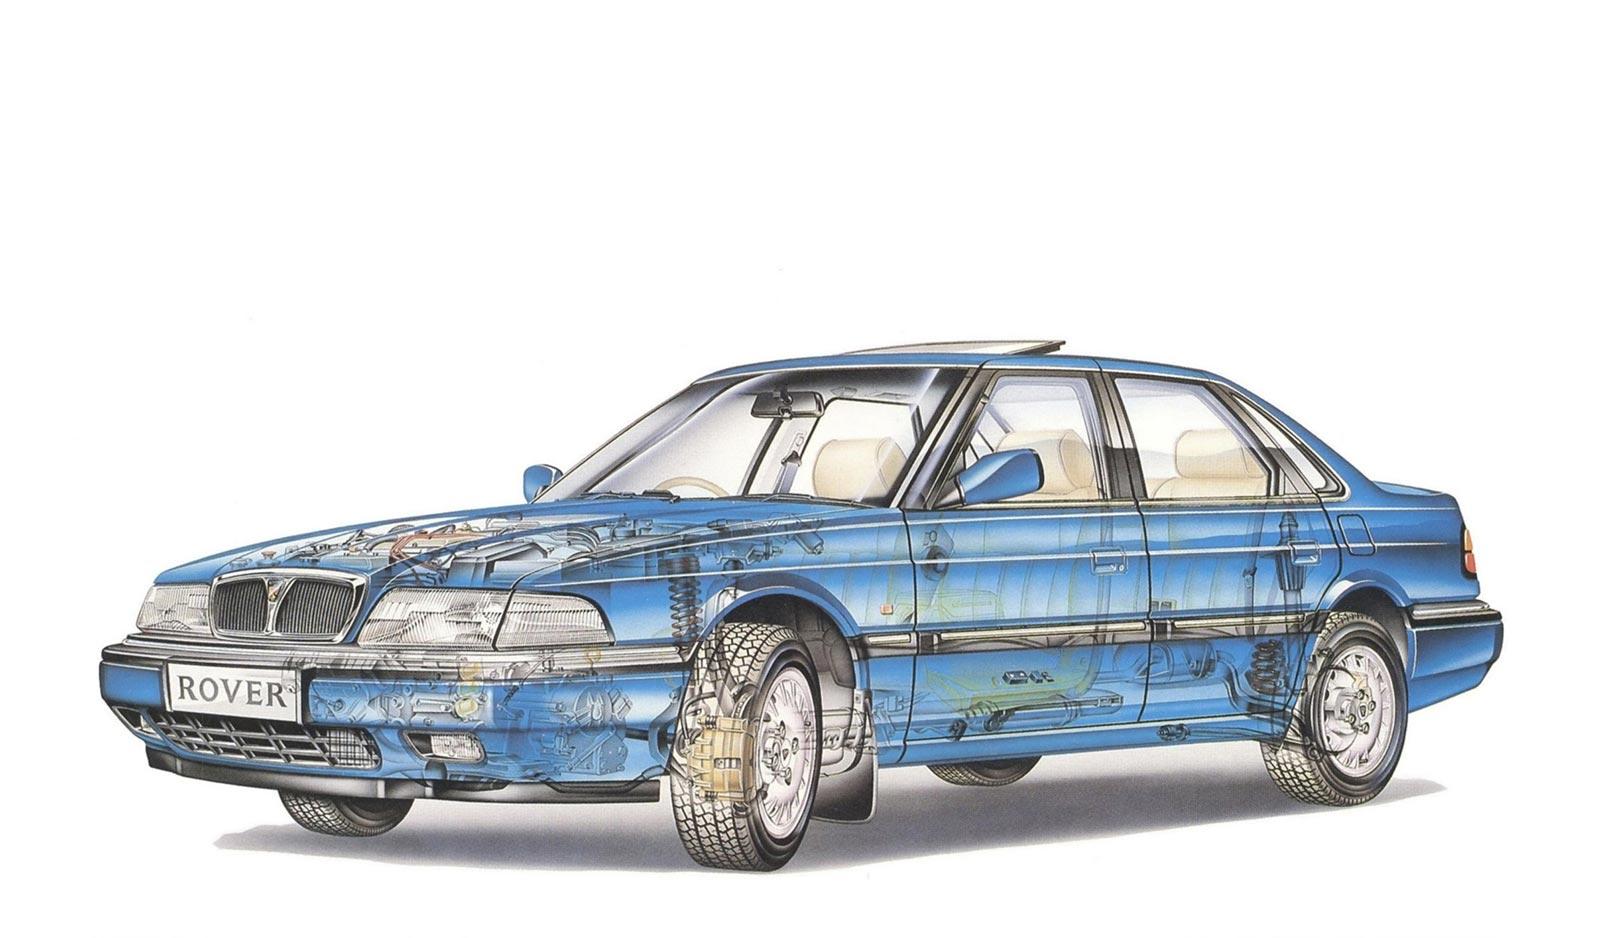 Rover 827 cutaway drawing